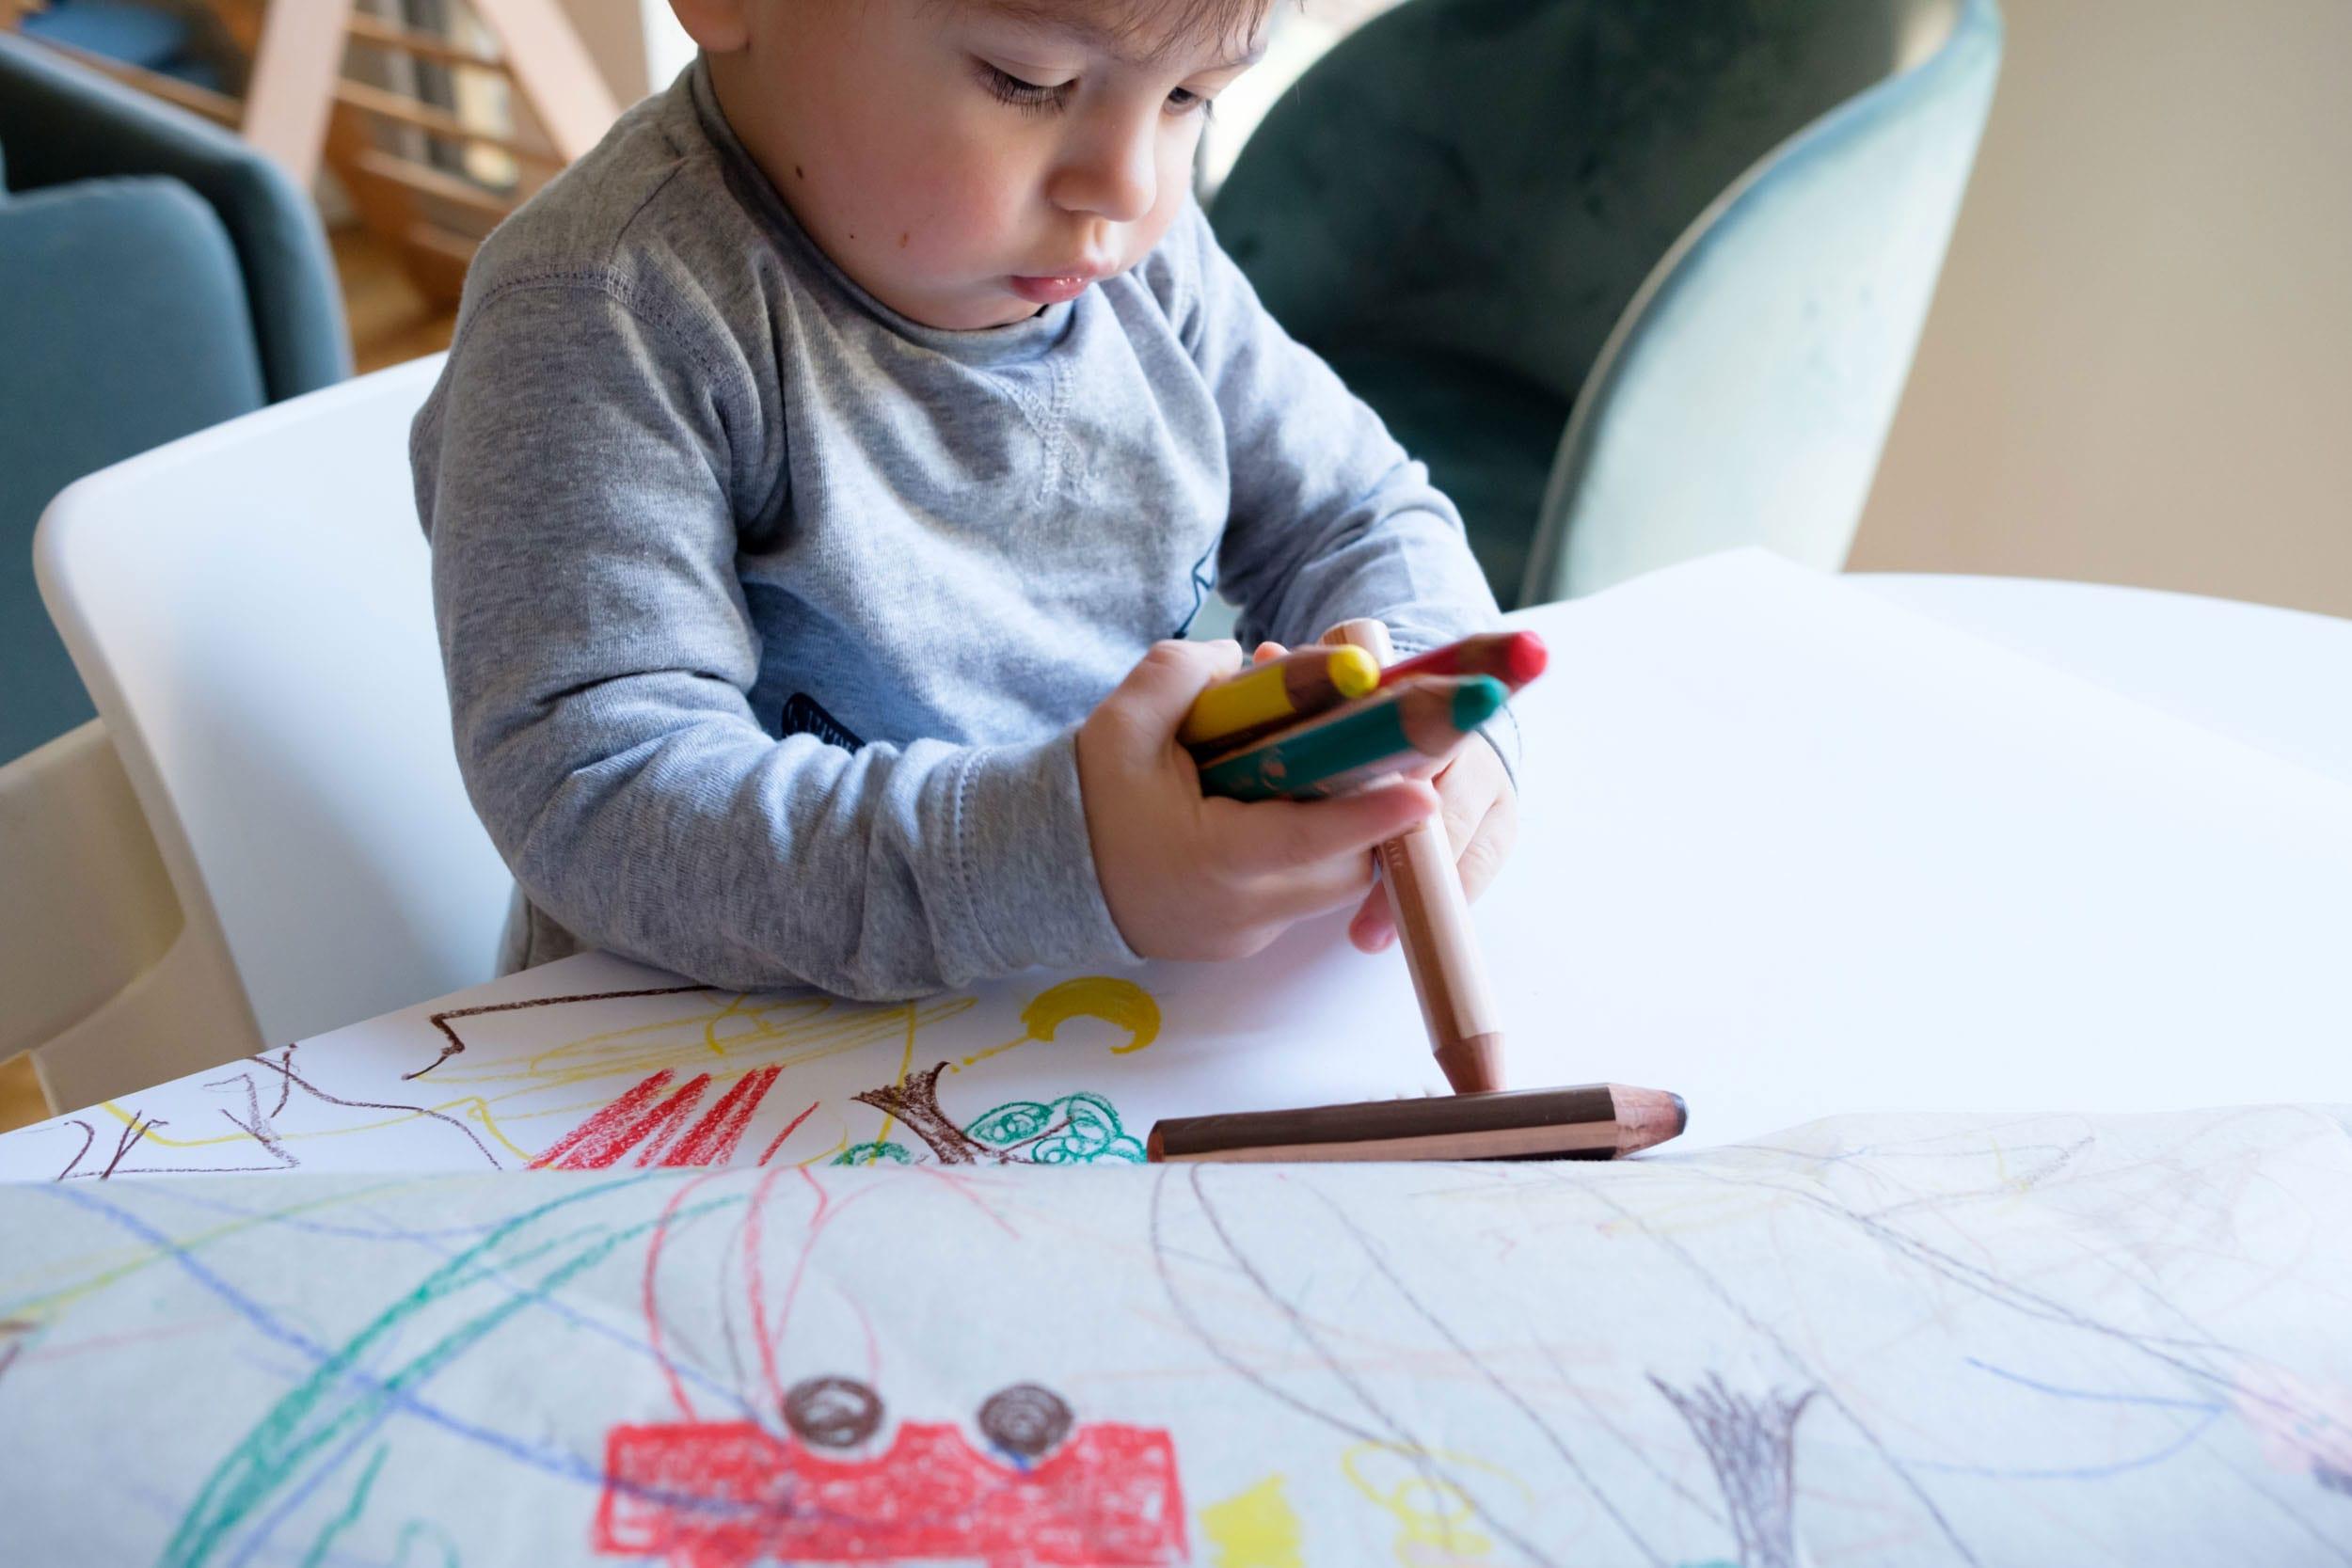 Schietwettertage mit Kind | 3 Tipps für Indoor-Spaß mit TK Maxx | Zuhause mit Kleinkind | Kreativ sein | Gemeinsam malen | Mehr auf https://ivy.li